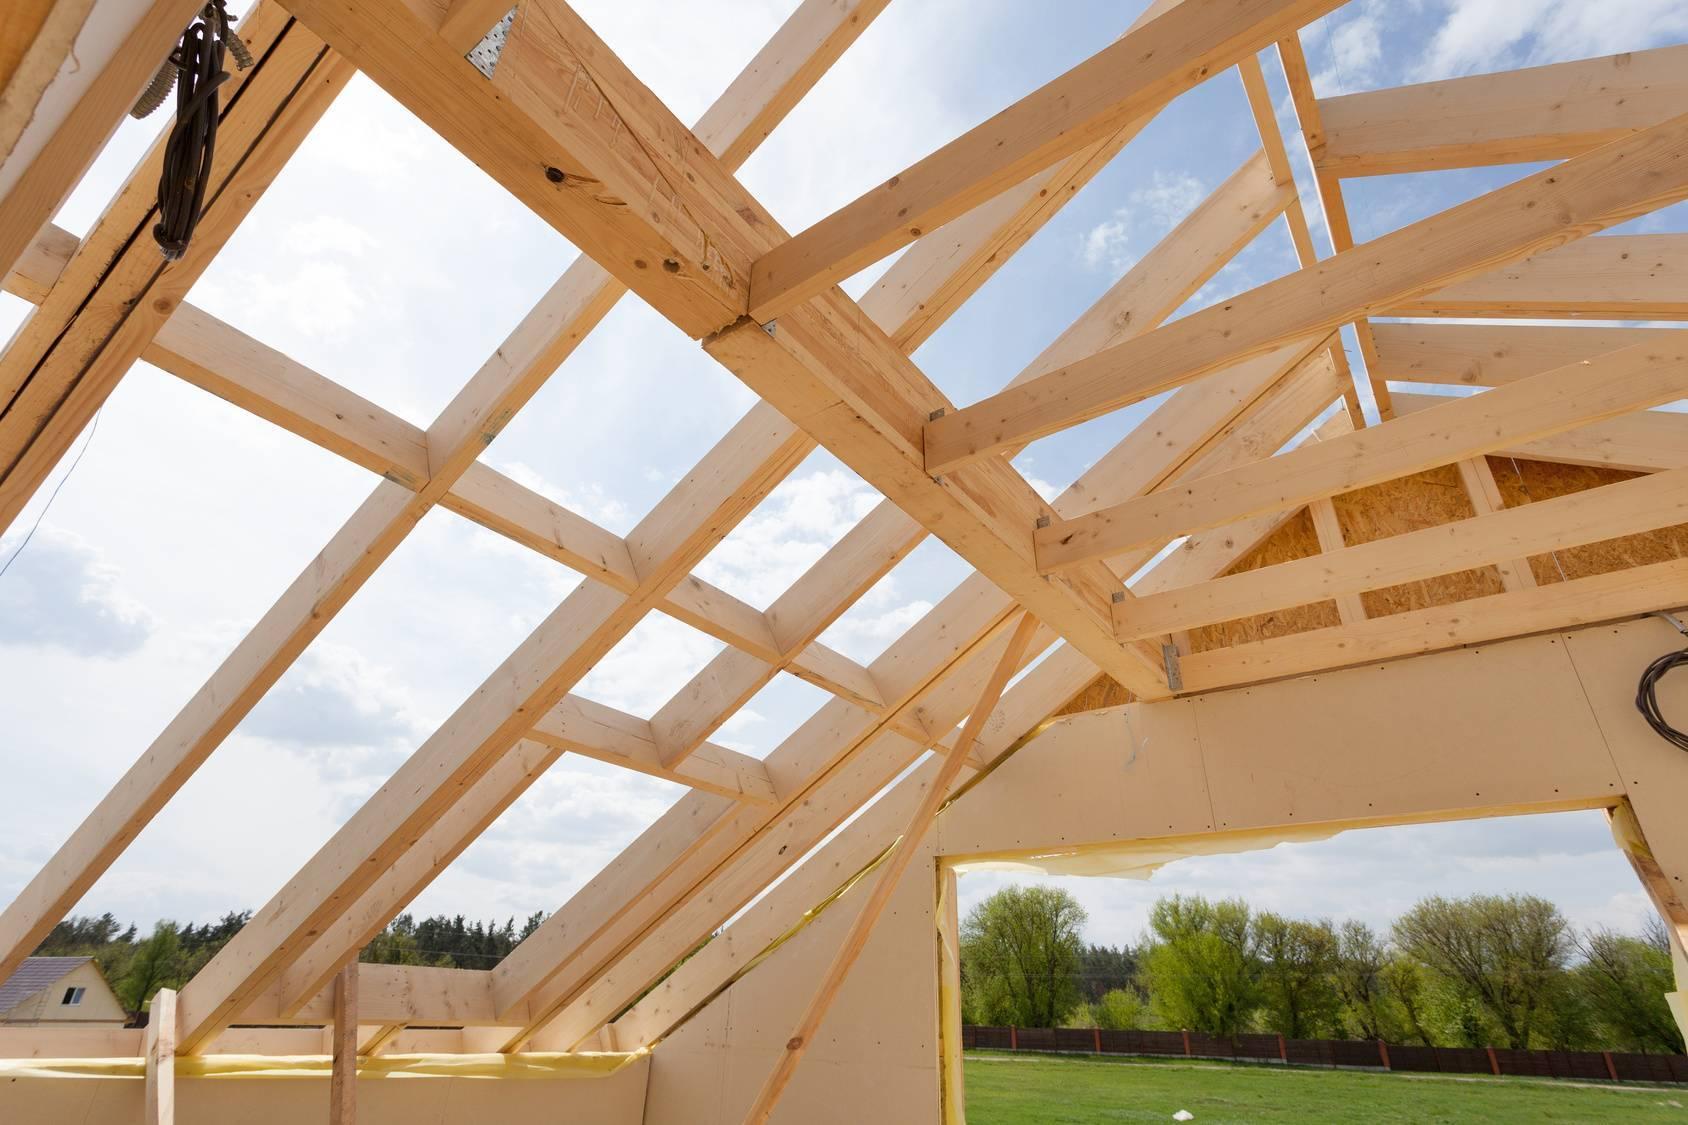 Stavba strechy krok za krokom #1: Krov a drevo na krov